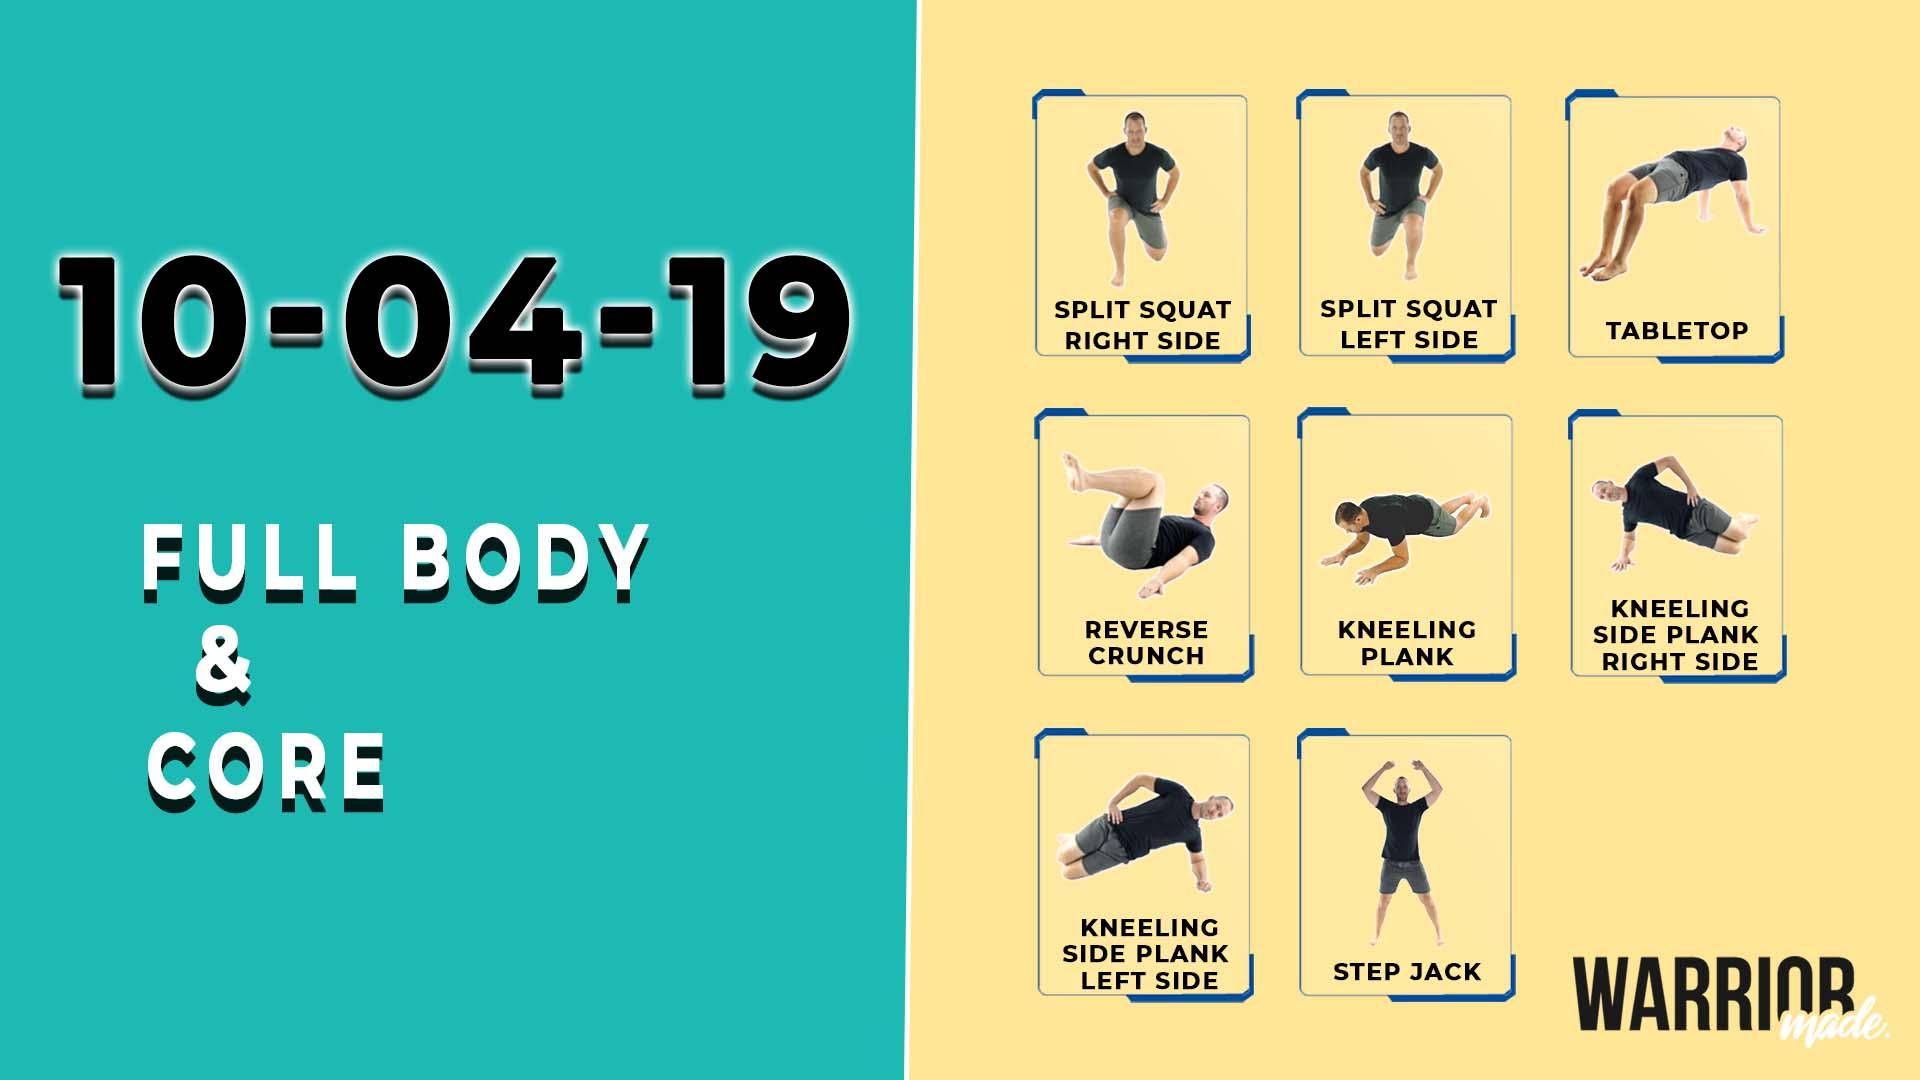 workouts-10-04-19